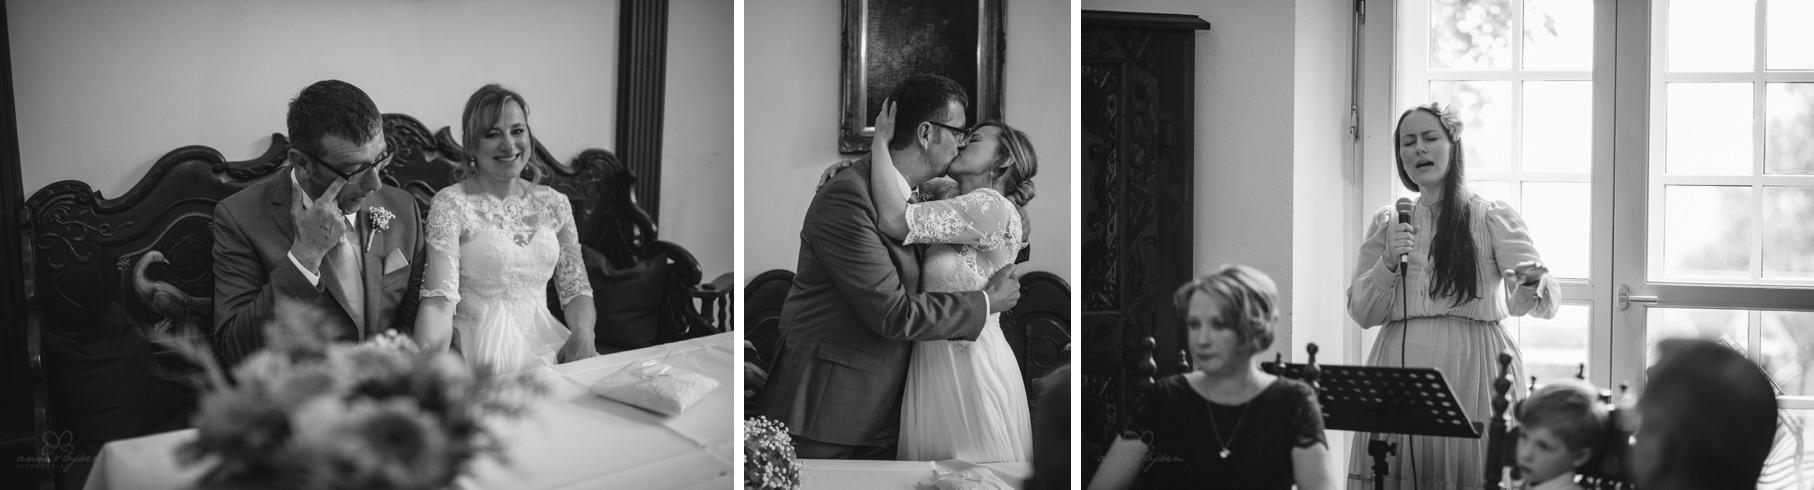 0063 anne und bjoern Manu und Sven D75 9698 1 - DIY Hochzeit im Erdhaus auf dem alten Land - Manuela & Sven